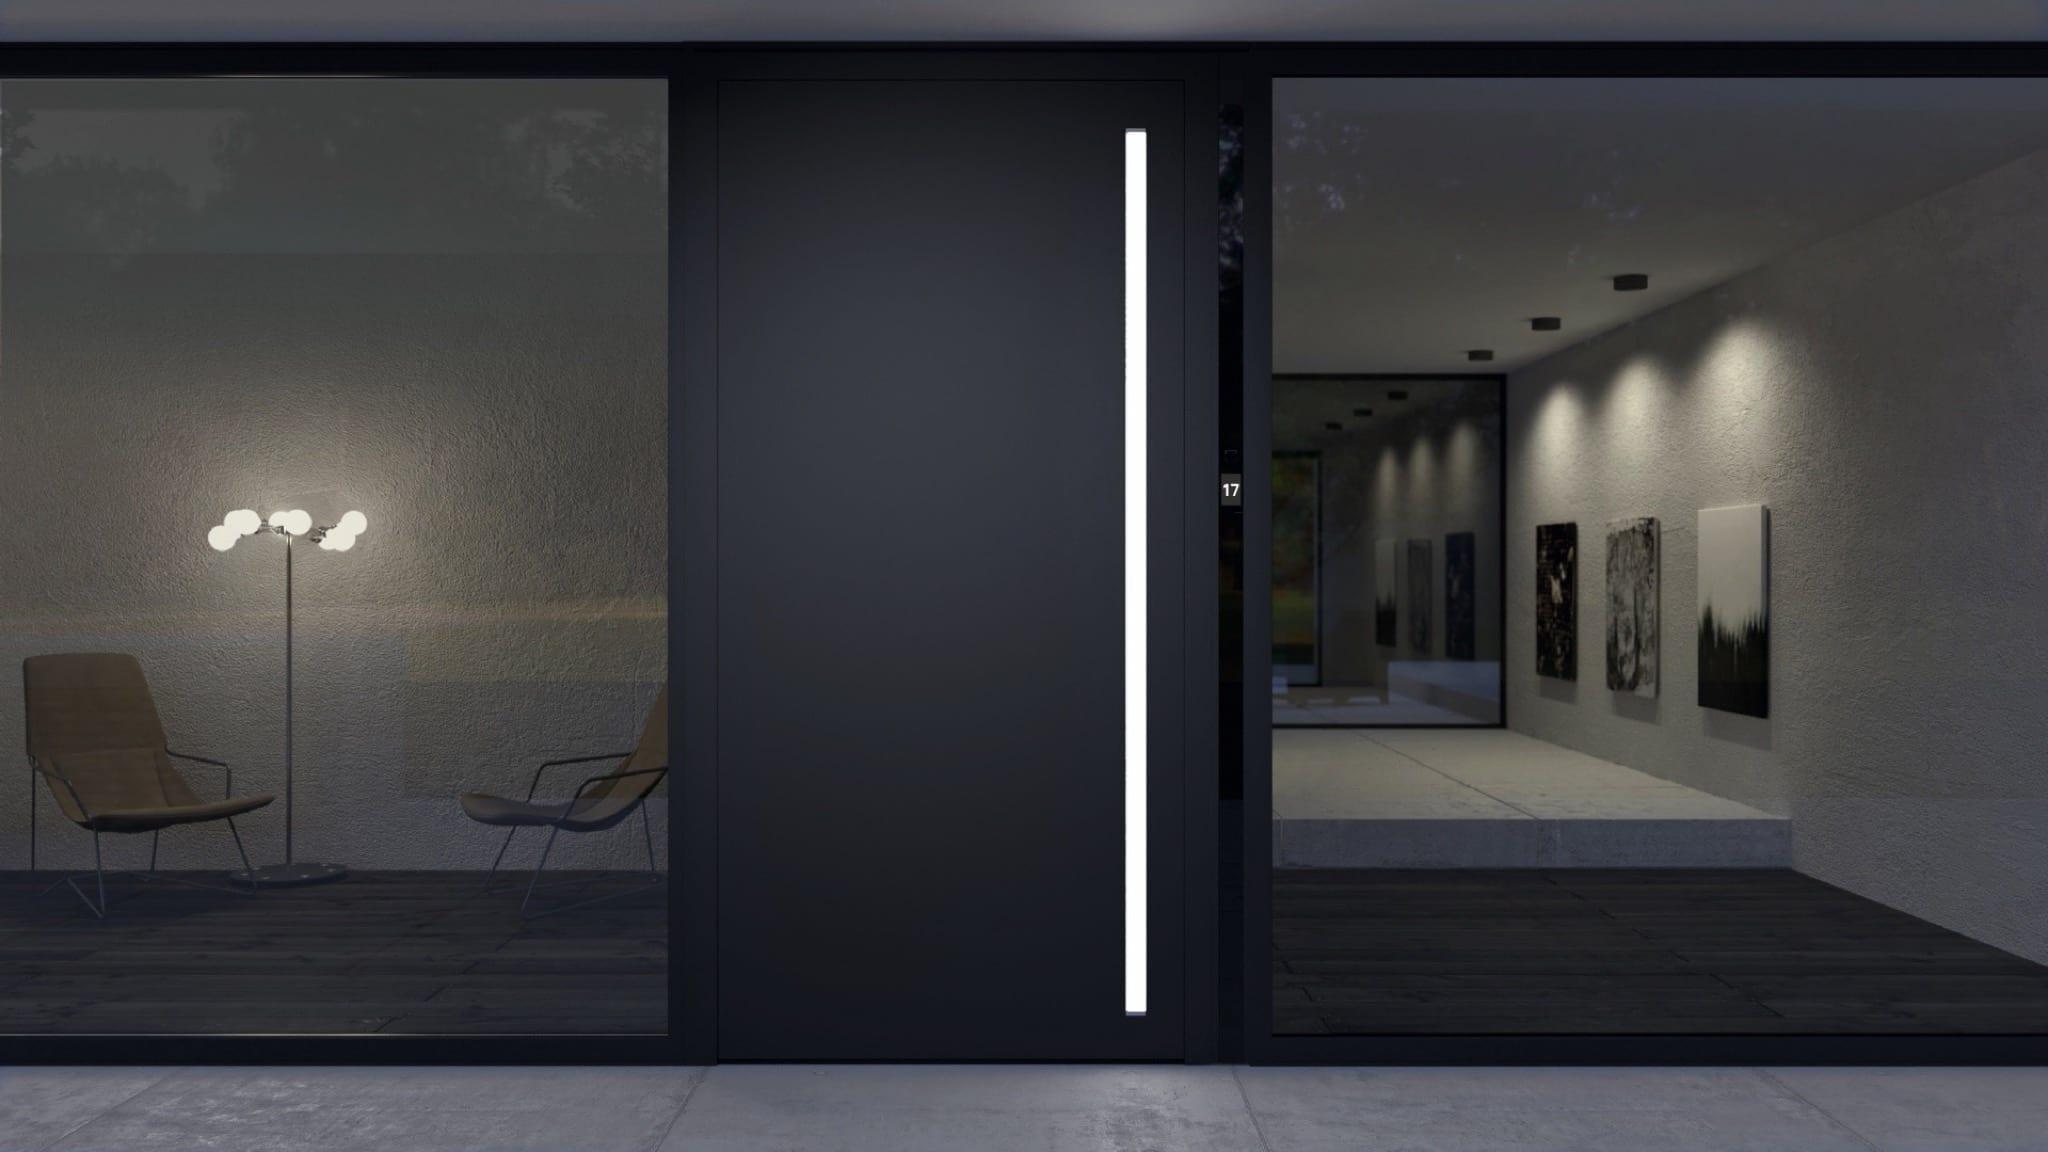 ADS 90 SI SimplySmart Design Edition m Nachtansicht copy - Soluțiile Smart Home de la Schüco, pentru confort, siguranță și eficiență energetică